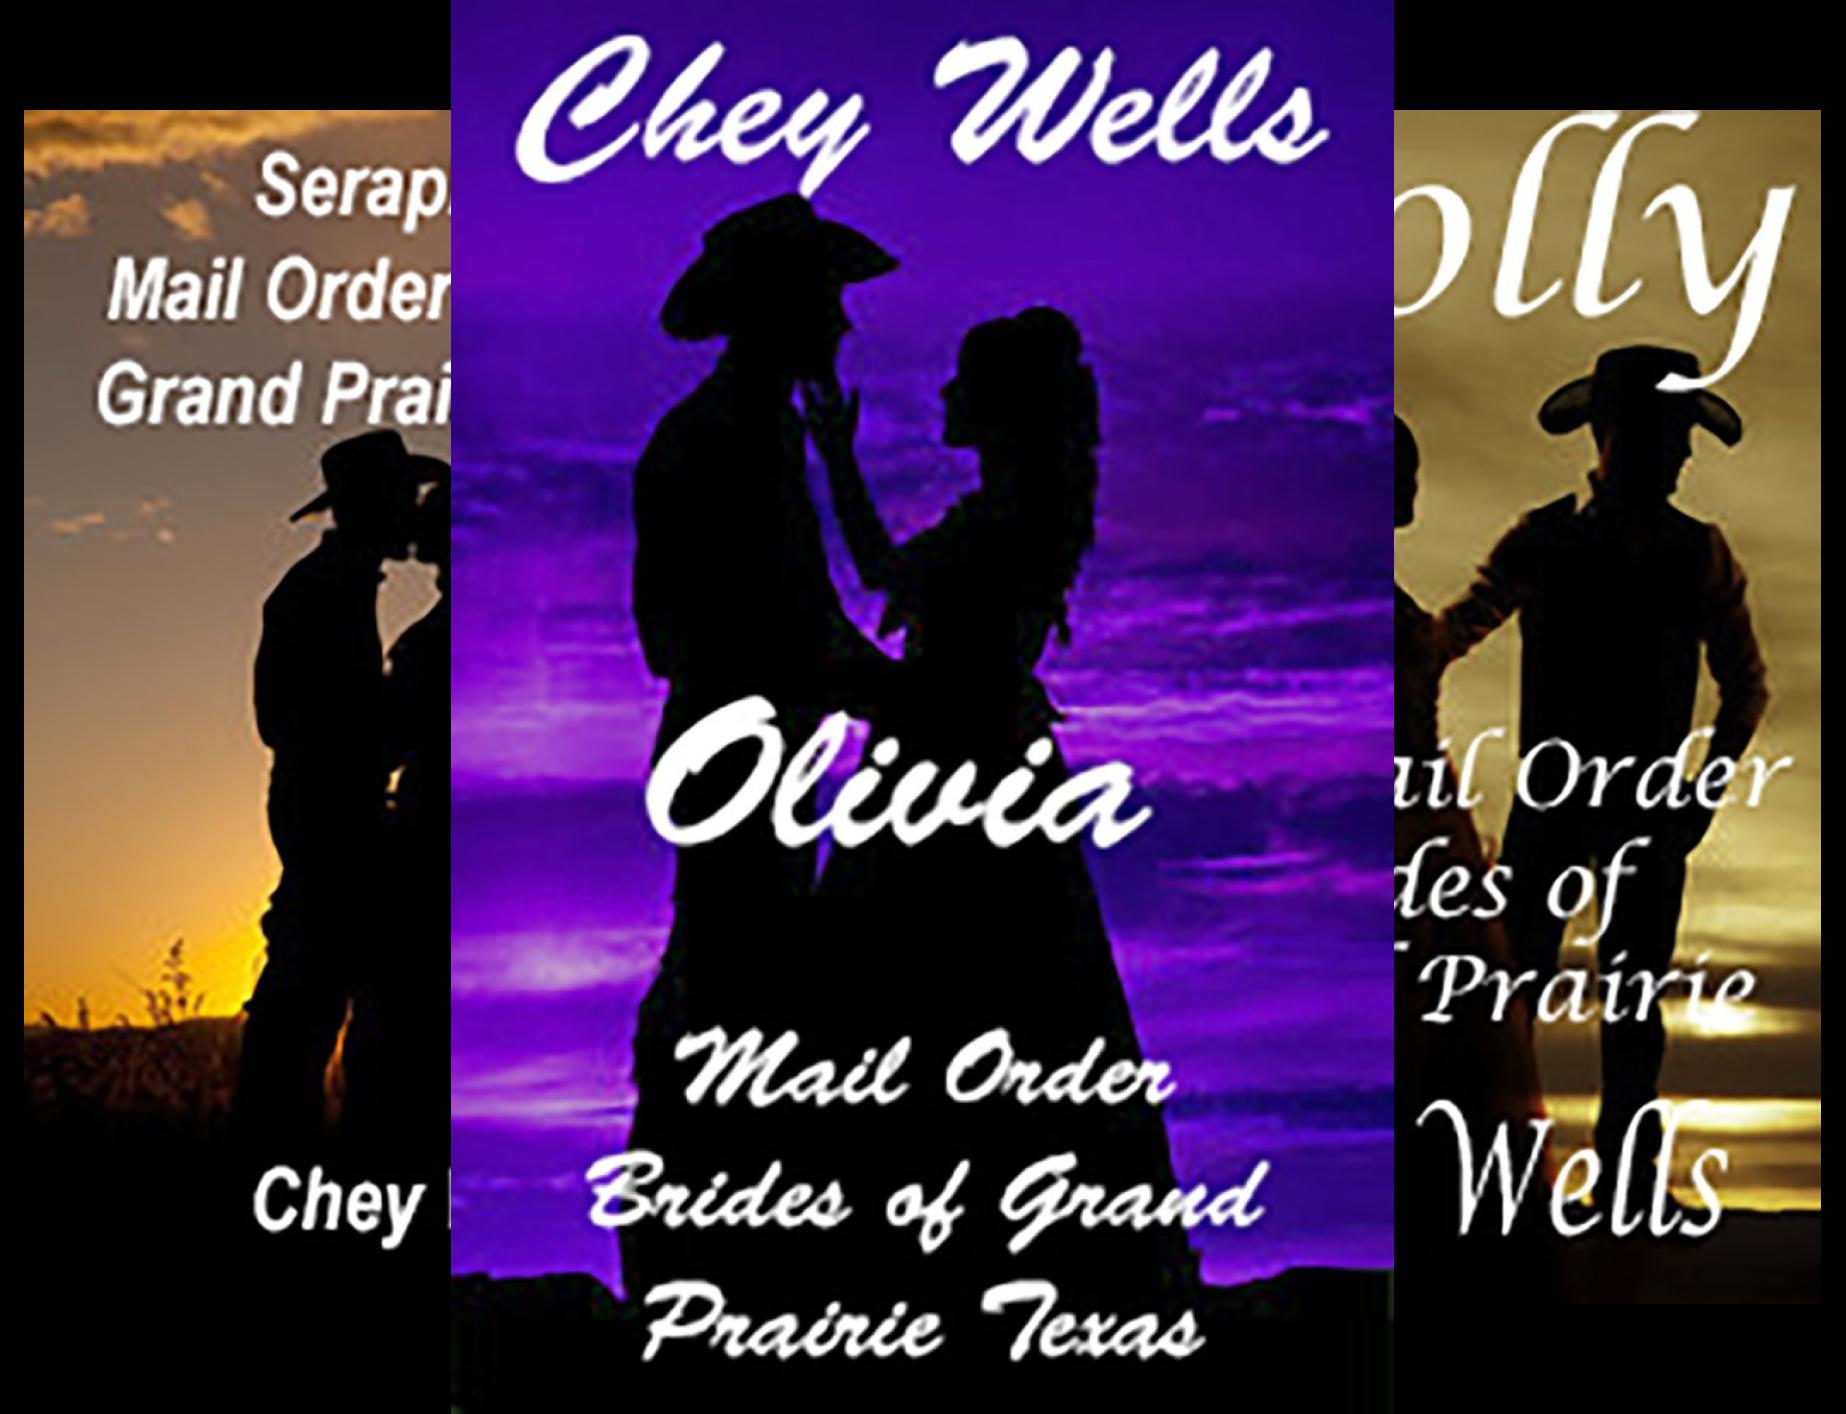 Mail Order Brides of Grand Prairie Texas (5 Book Series)